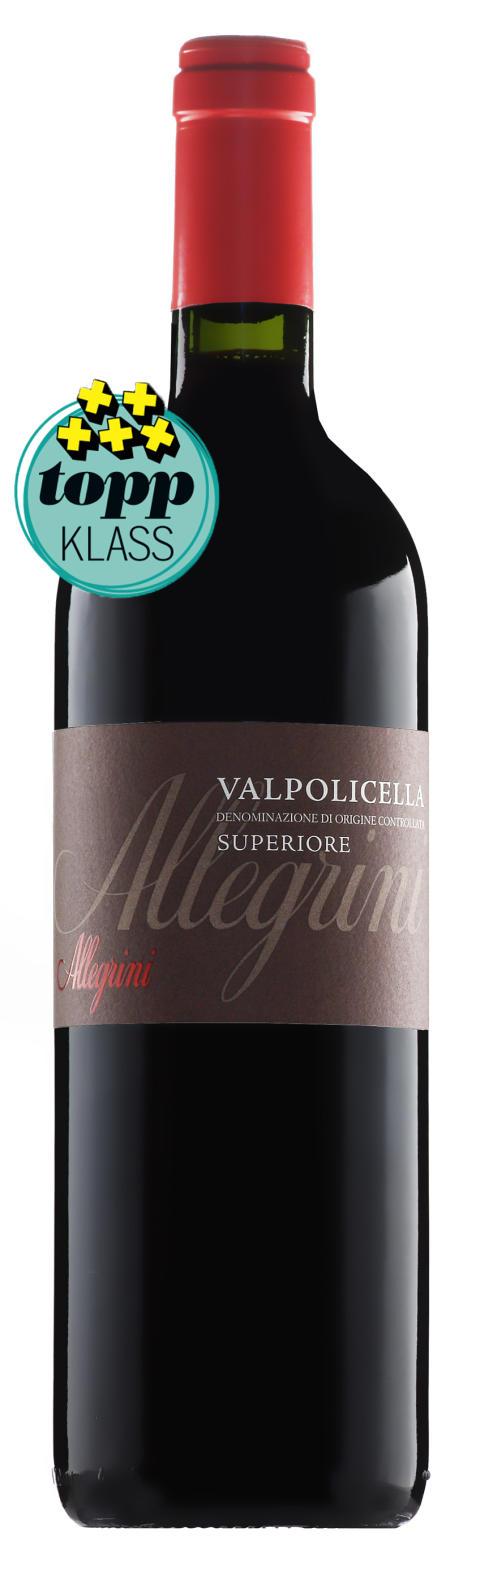 """""""Sammetsmjukt vin utmärkt till pastan!"""" = Allegrini Valpolicella Superiore!"""